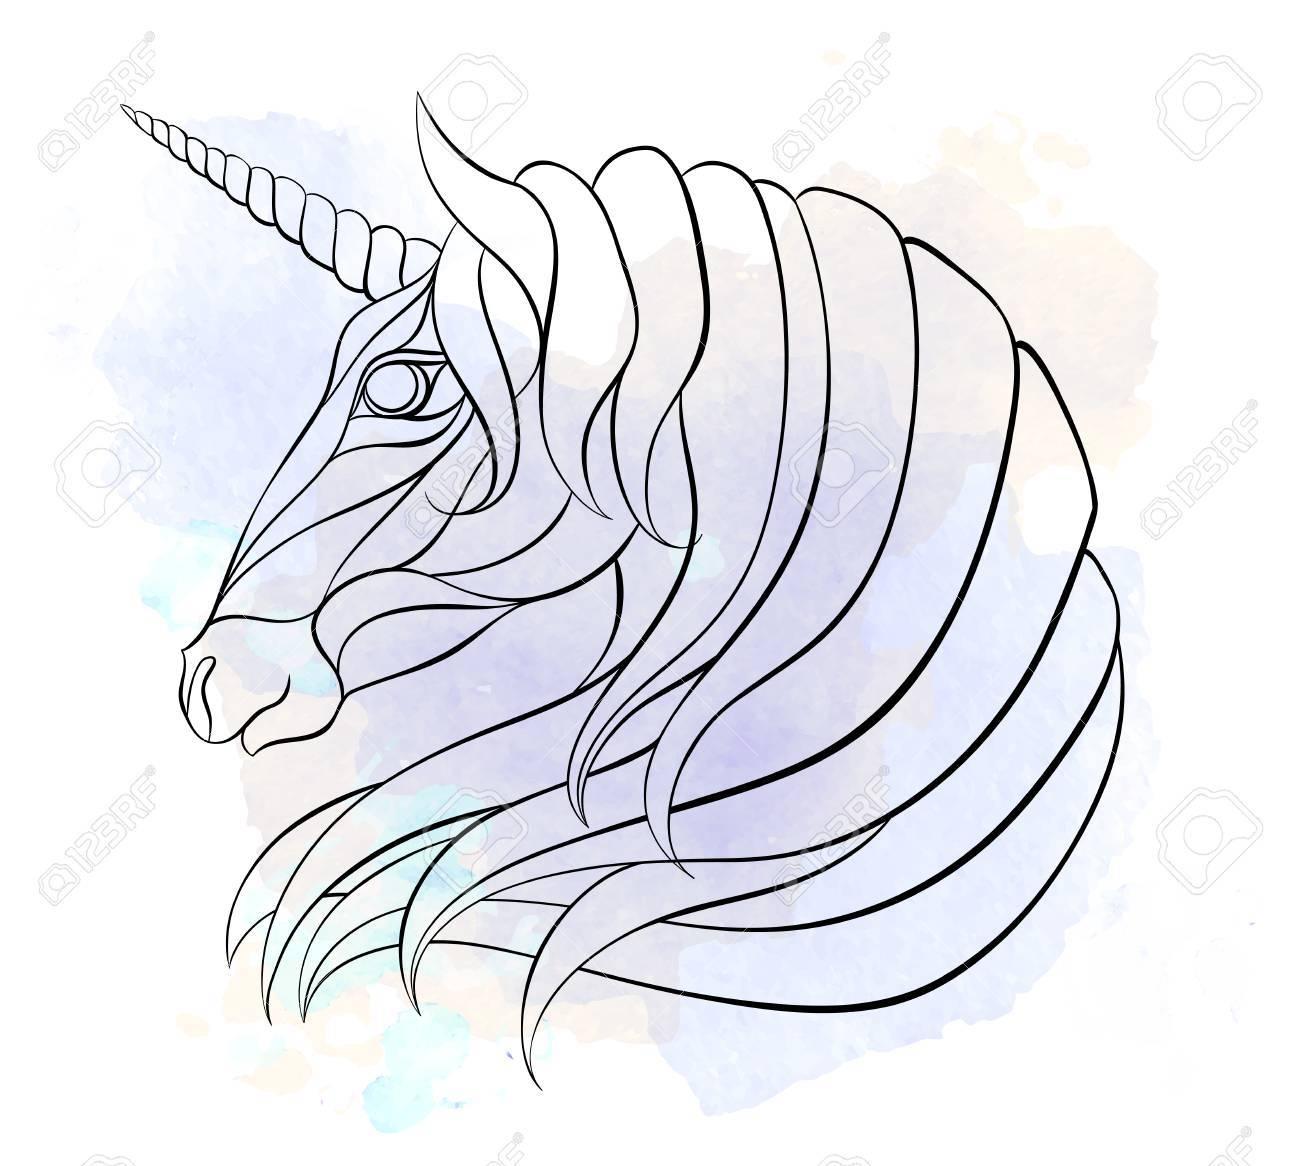 Disegni Da Colorare Testa Di Cavallo.Vettoriale Testa Modellata Dell Unicorno Sullo Sfondo Del Grunge Cavallo Spaziale Disegno Del Tatuaggio Puo Essere Utilizzato Per La Progettazione Di Una T Shirt Borsa Cartolina Un Poster Libro Da Colorare E Cosi